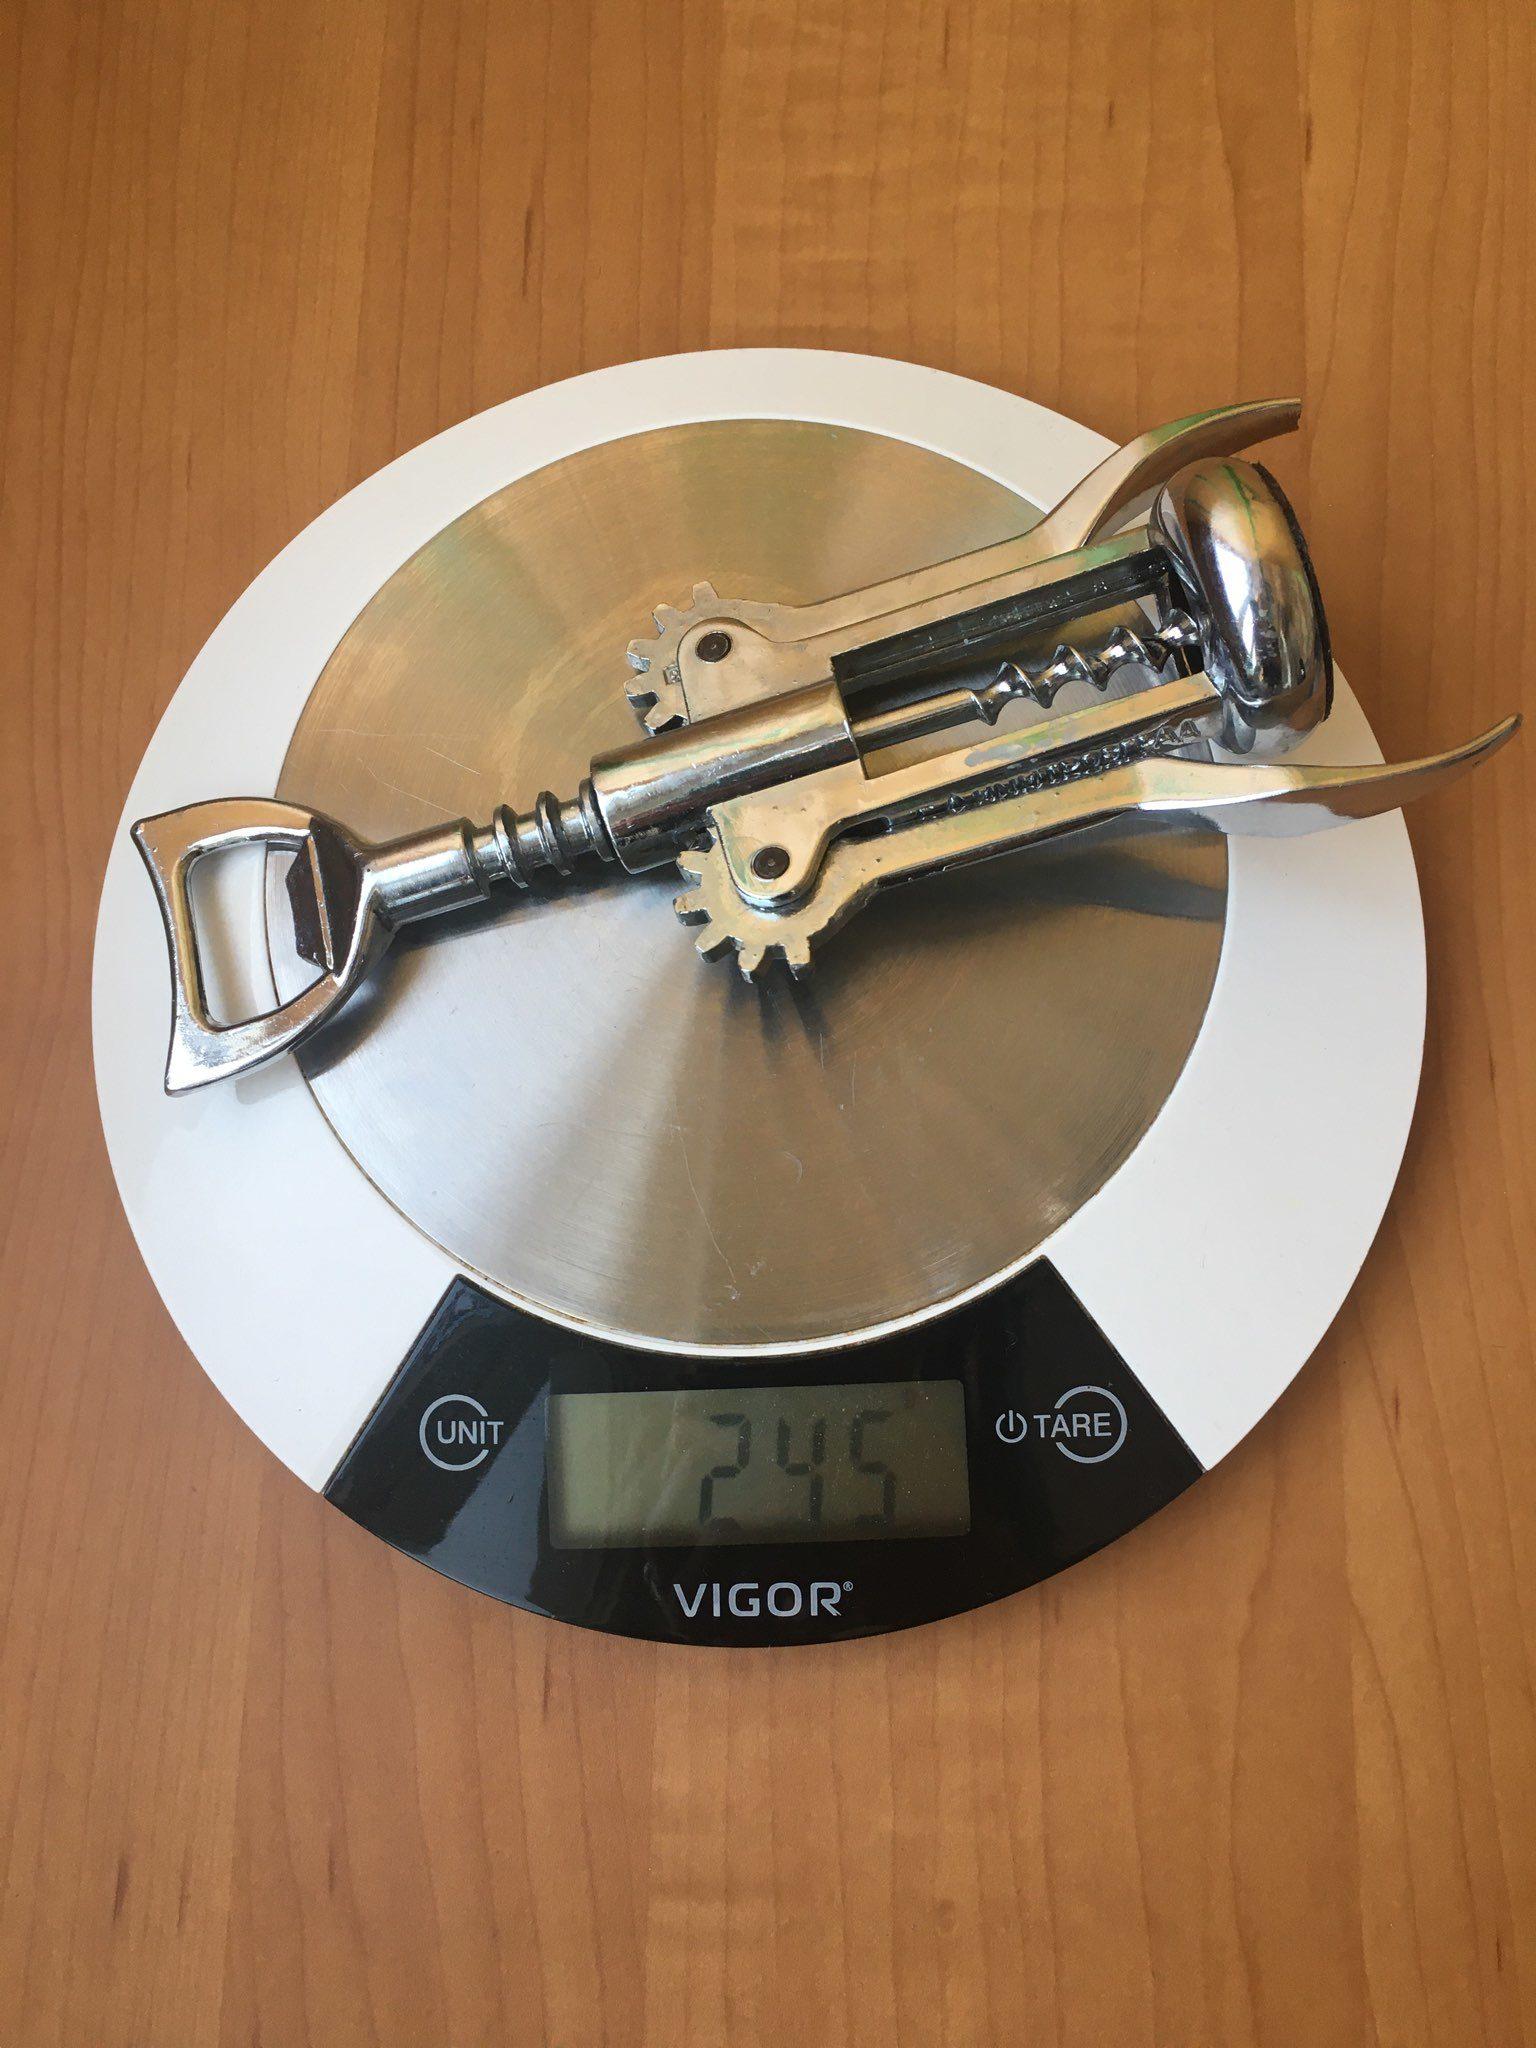 вес штопора